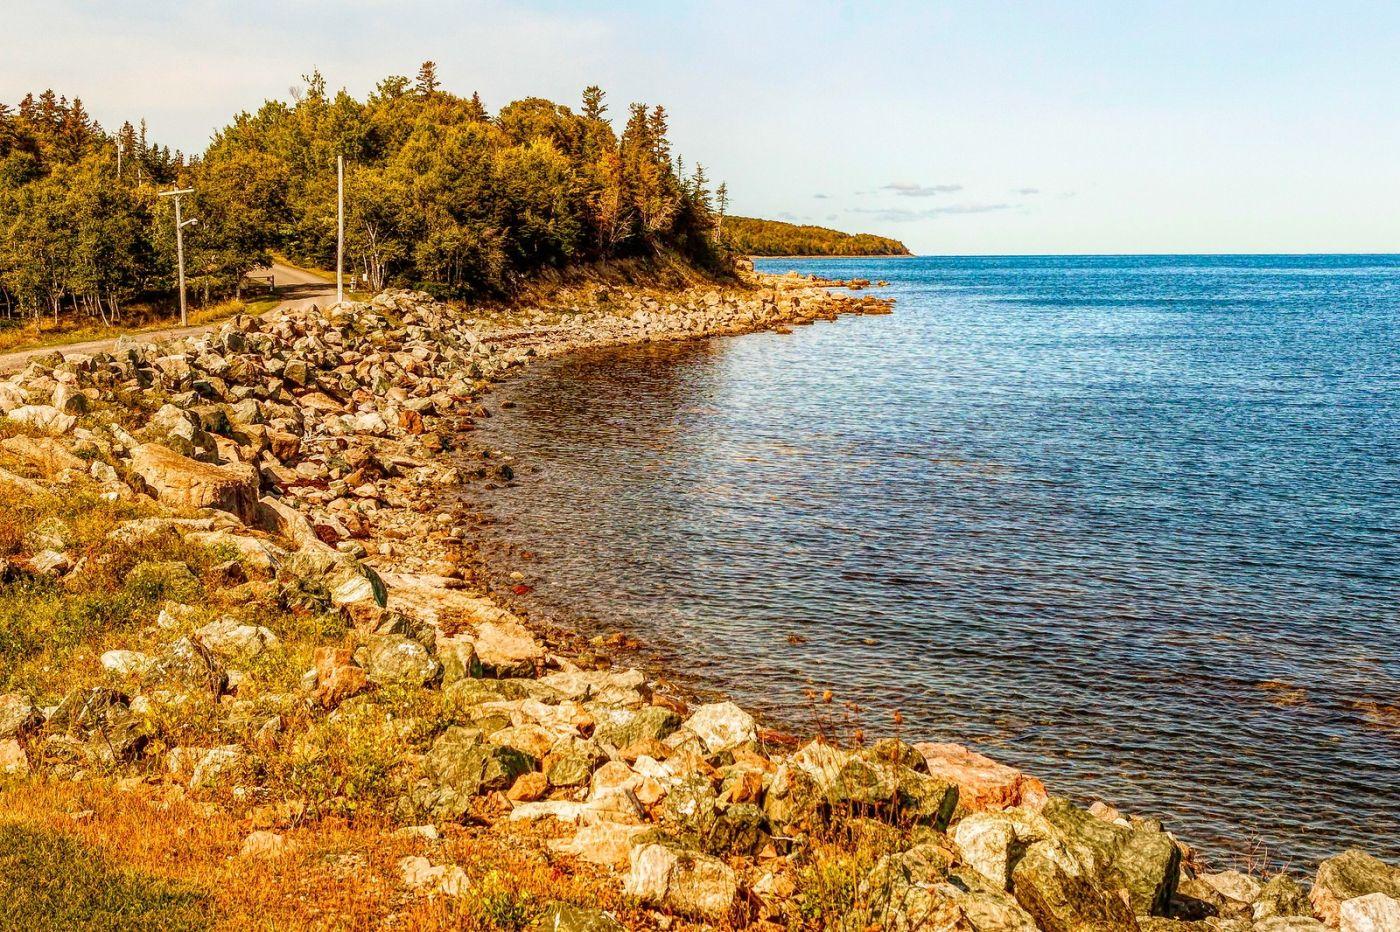 加拿大路途,水边抓拍_图1-9